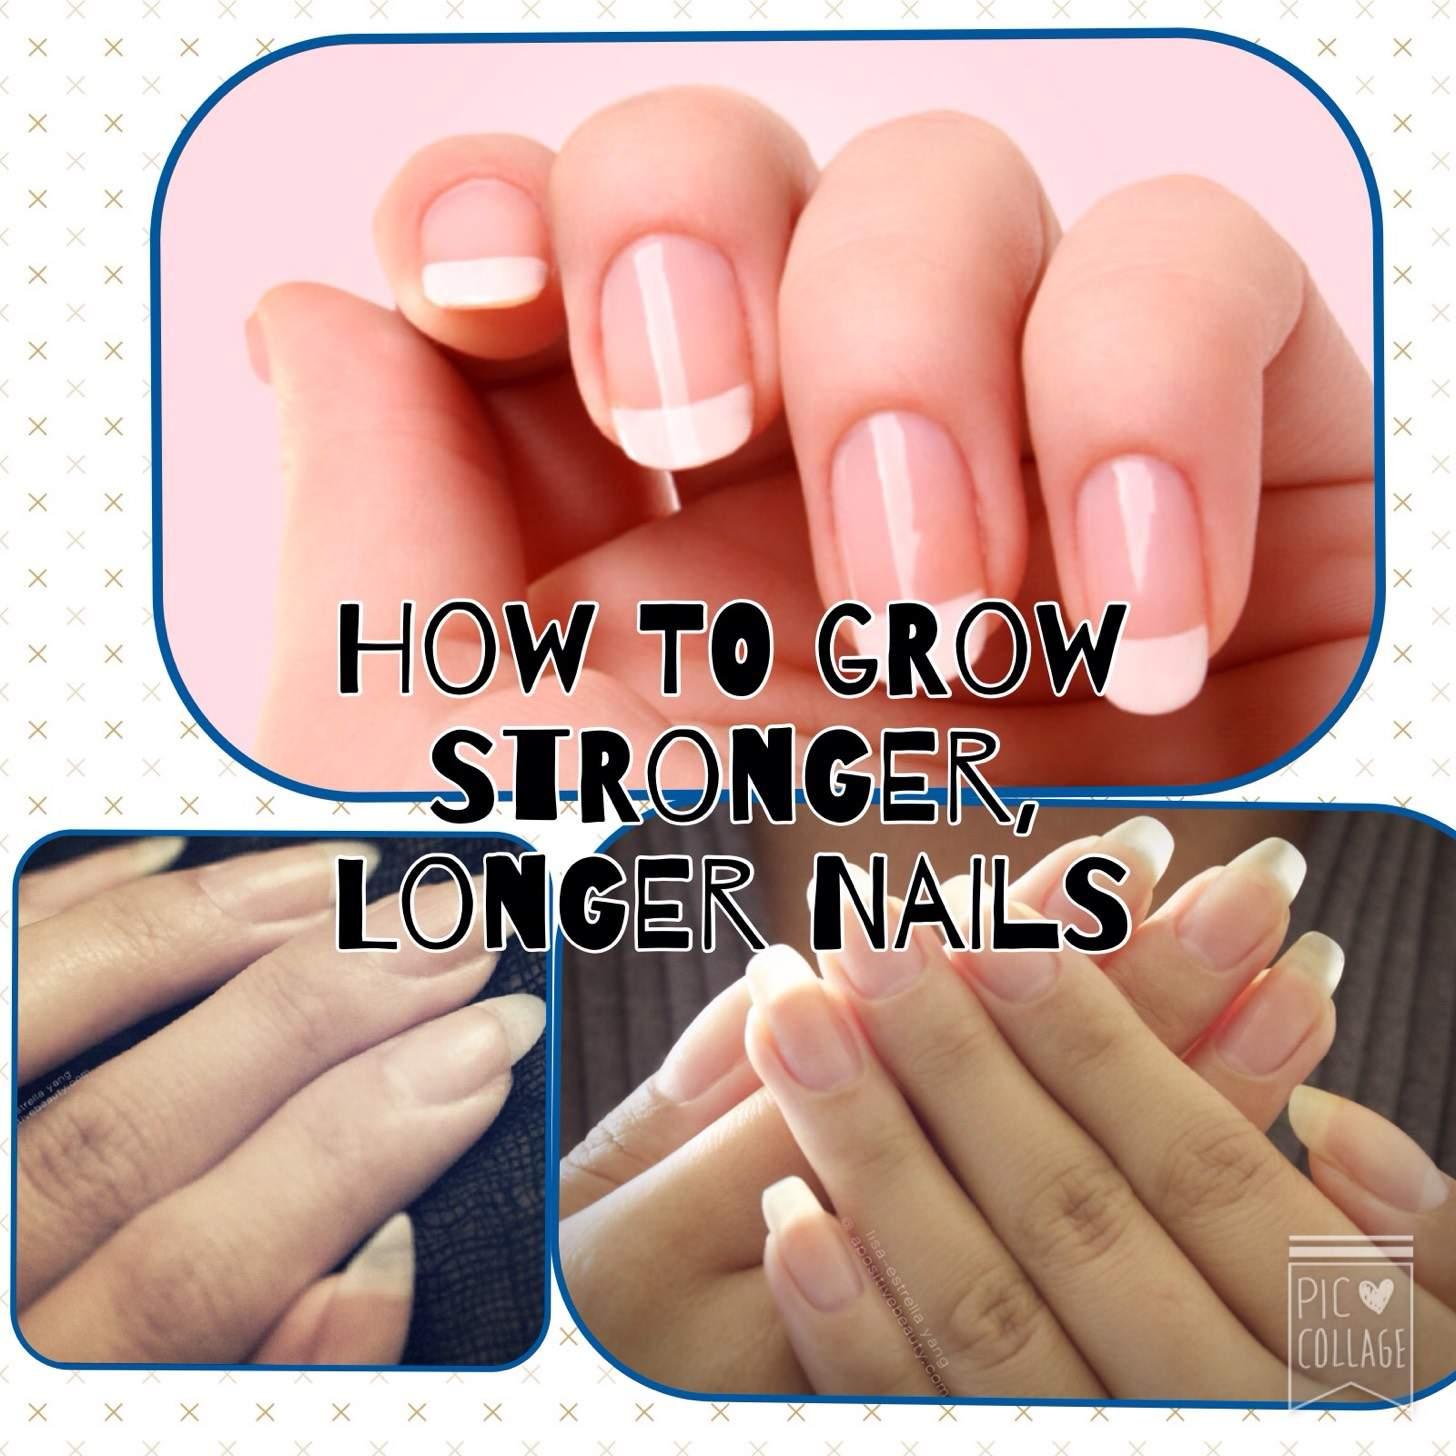 How to get stronger, longer nails? | weBlogIt